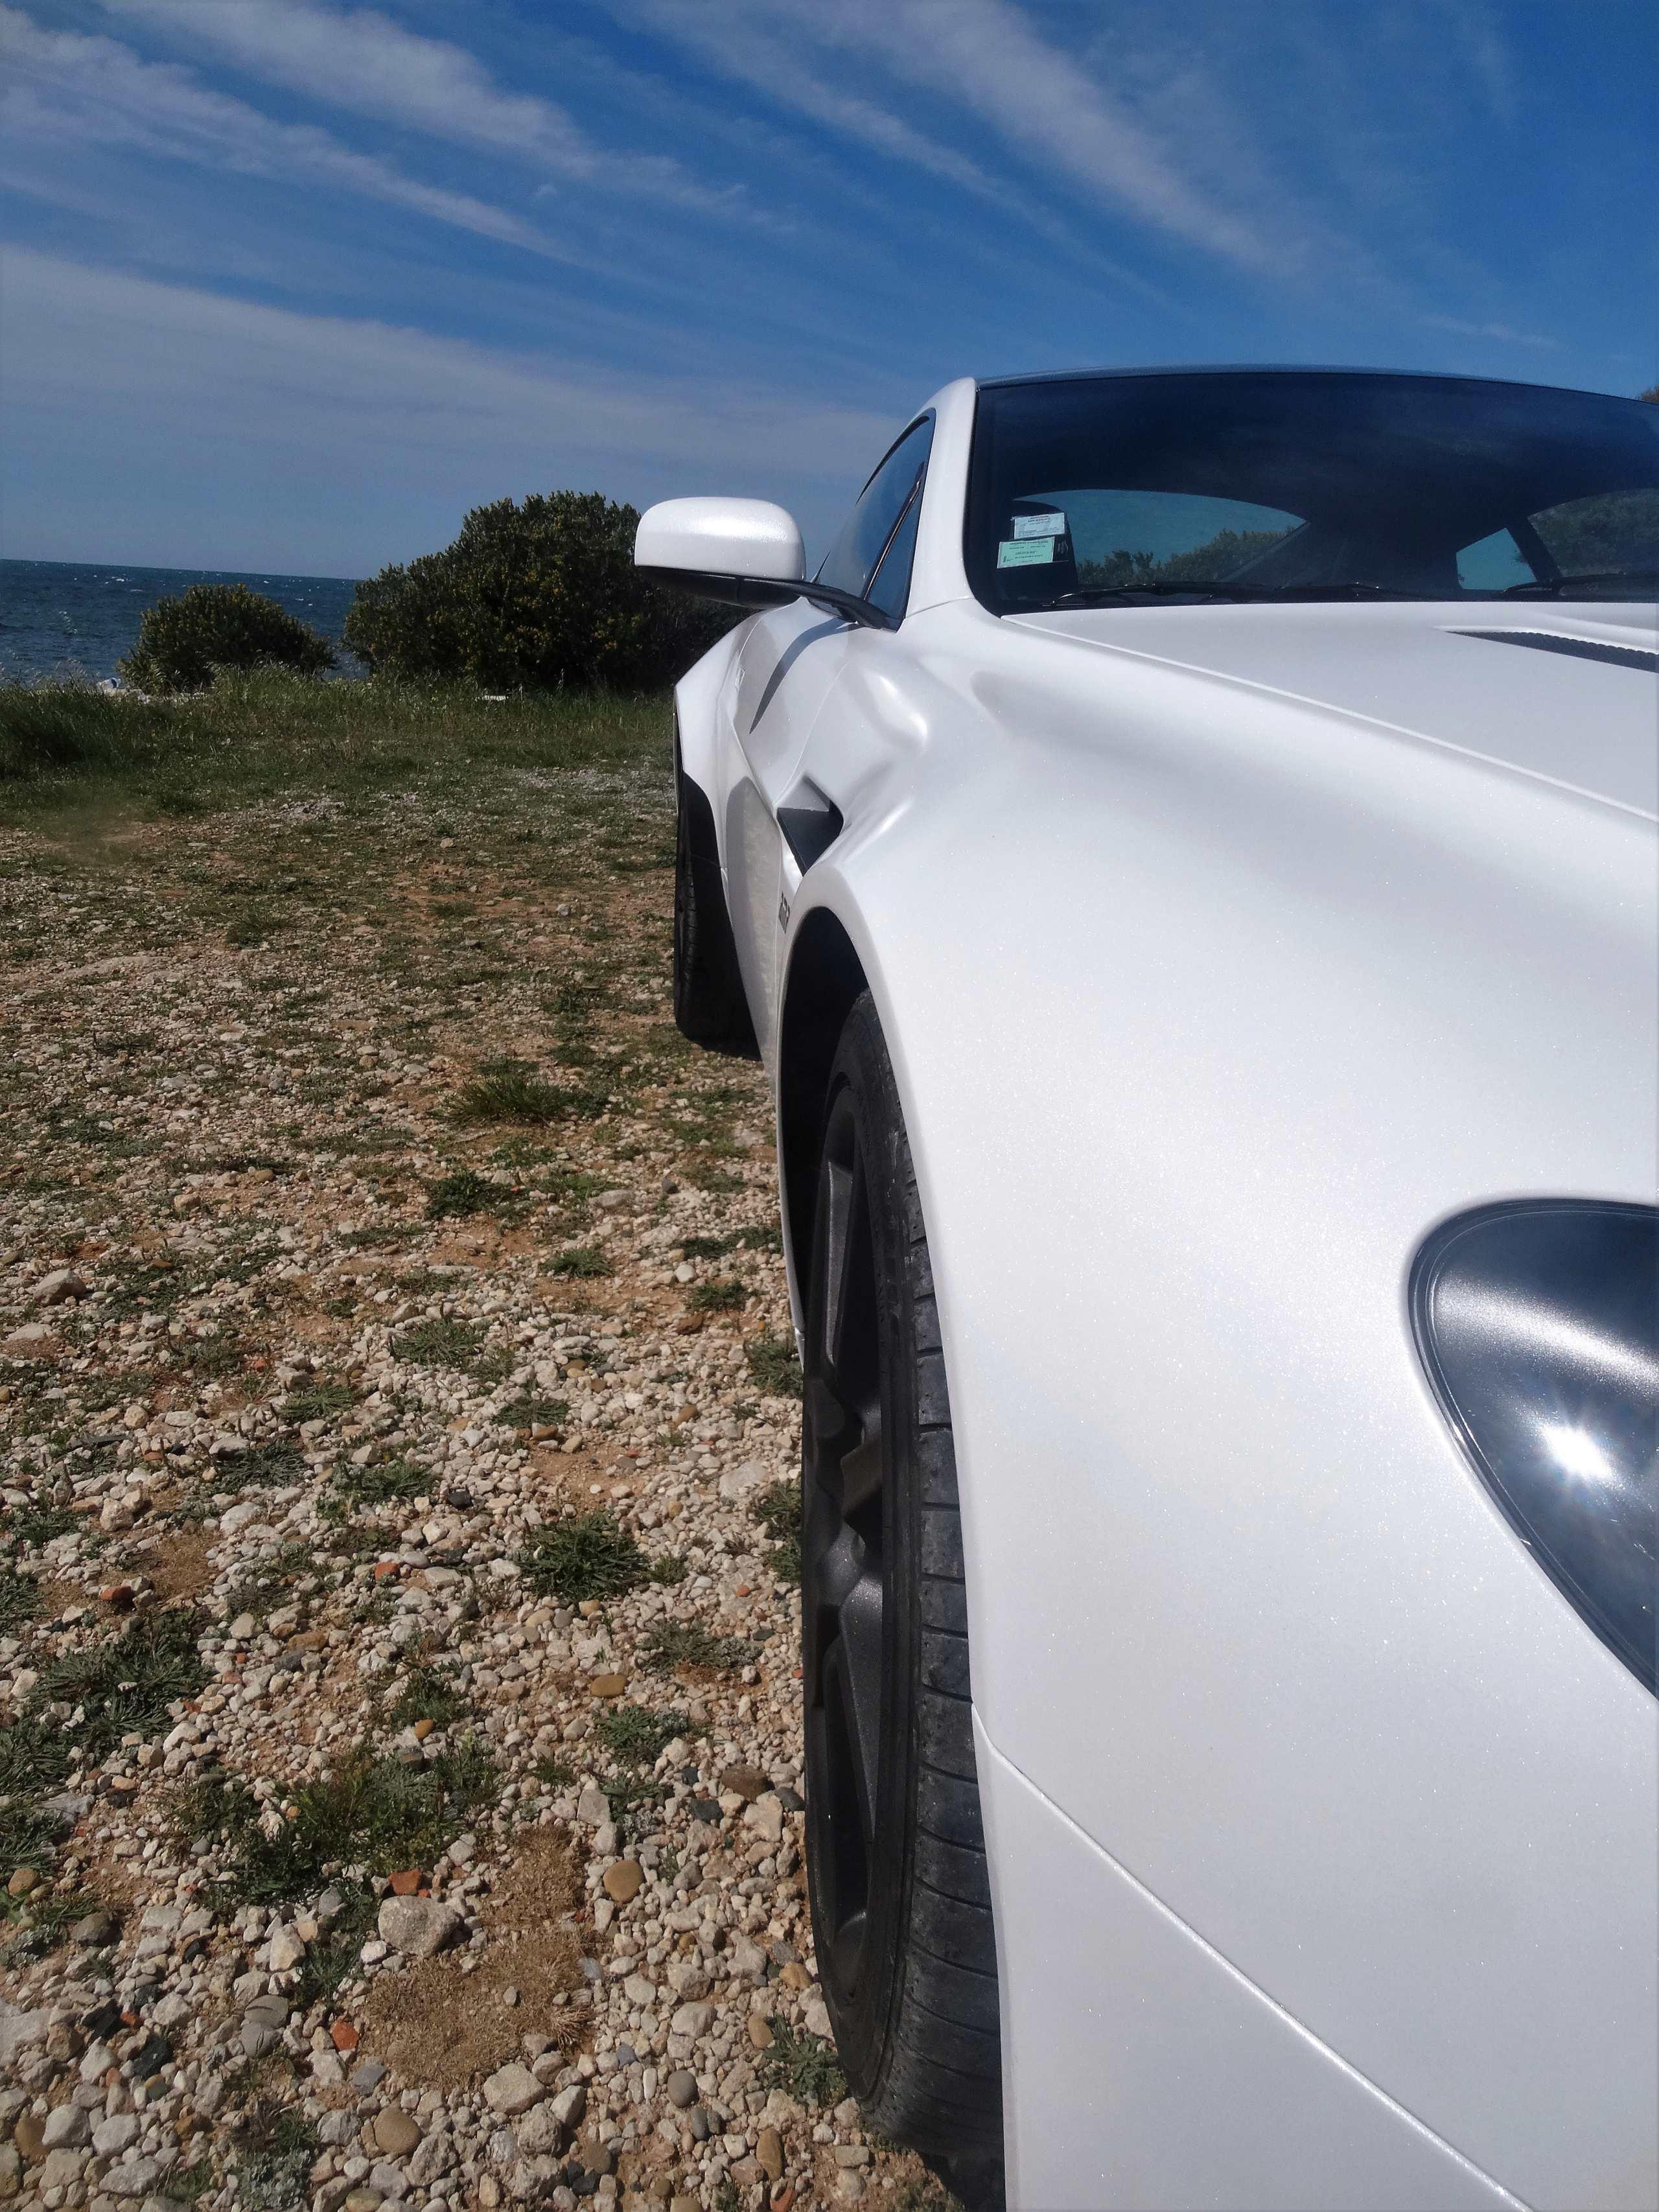 Ahhh Aston Martin...Le post officiel des Astons - Page 2 Dsc00611